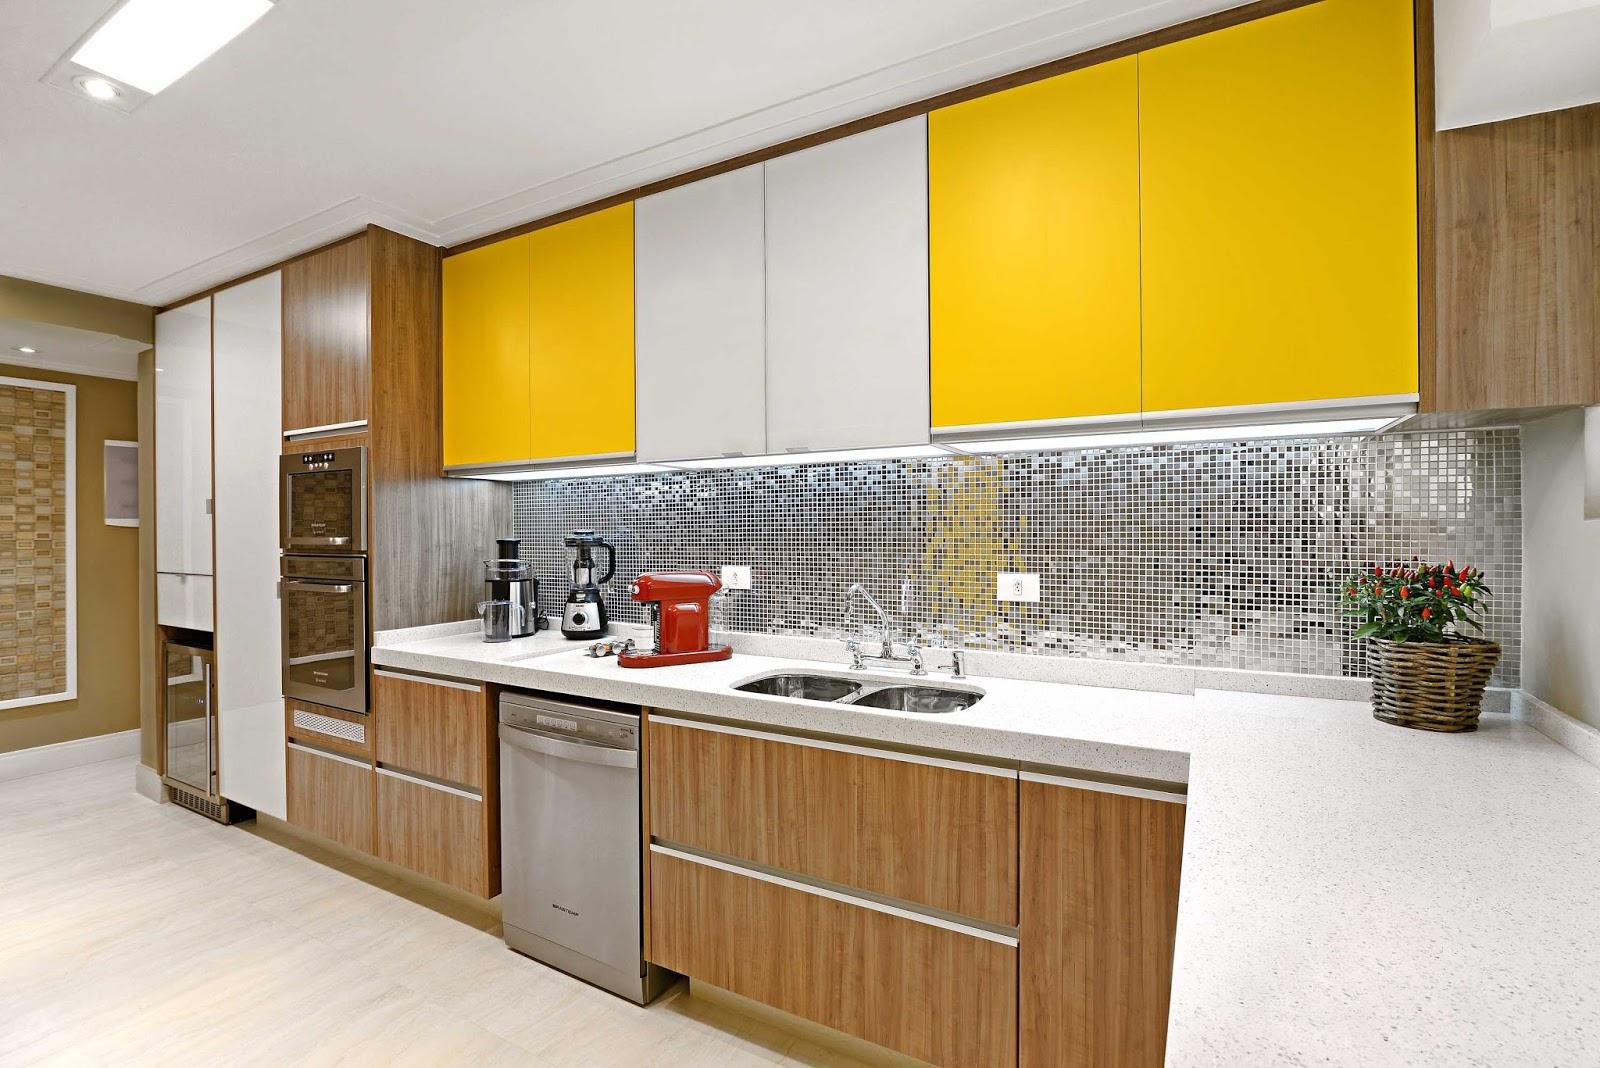 #C89B03 Clean: Dúvida de Decoração: Cozinha Lavanderia e Sala de Estar 1600x1068 píxeis em Decoração De Sala De Estar Branco E Preto